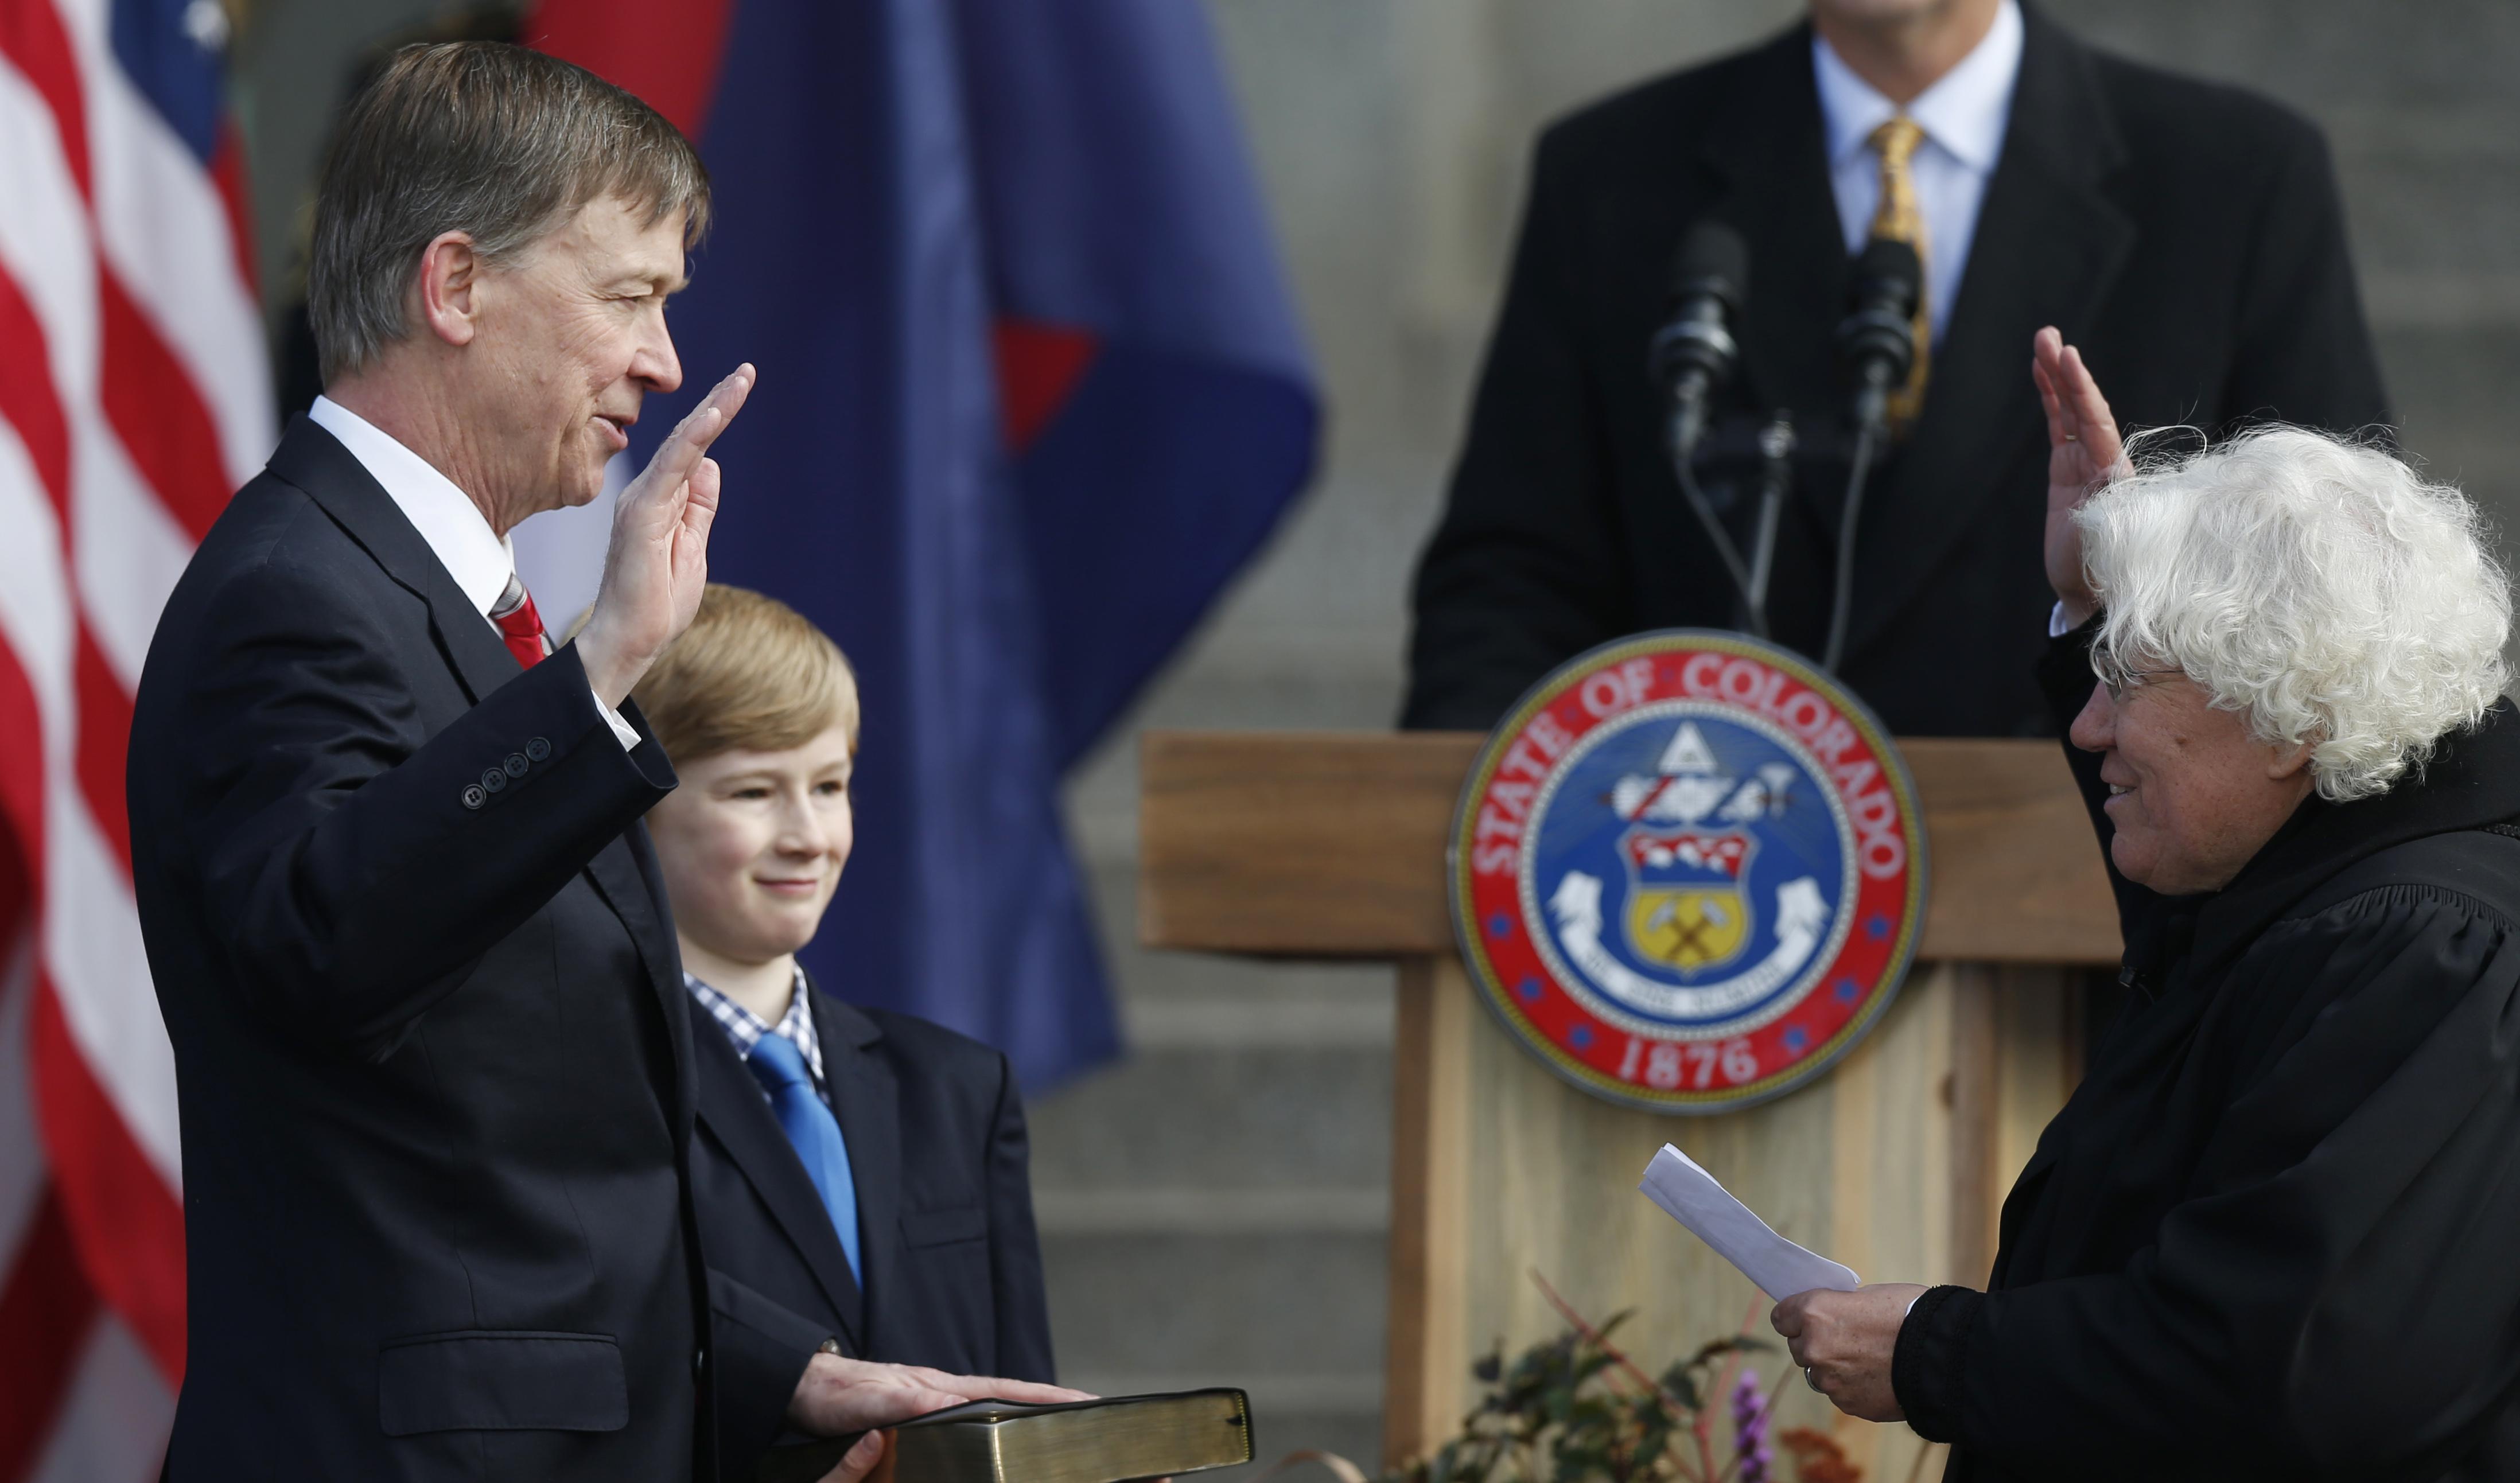 Photo: Gov. John Hickenlooper sworn in (AP Photo)